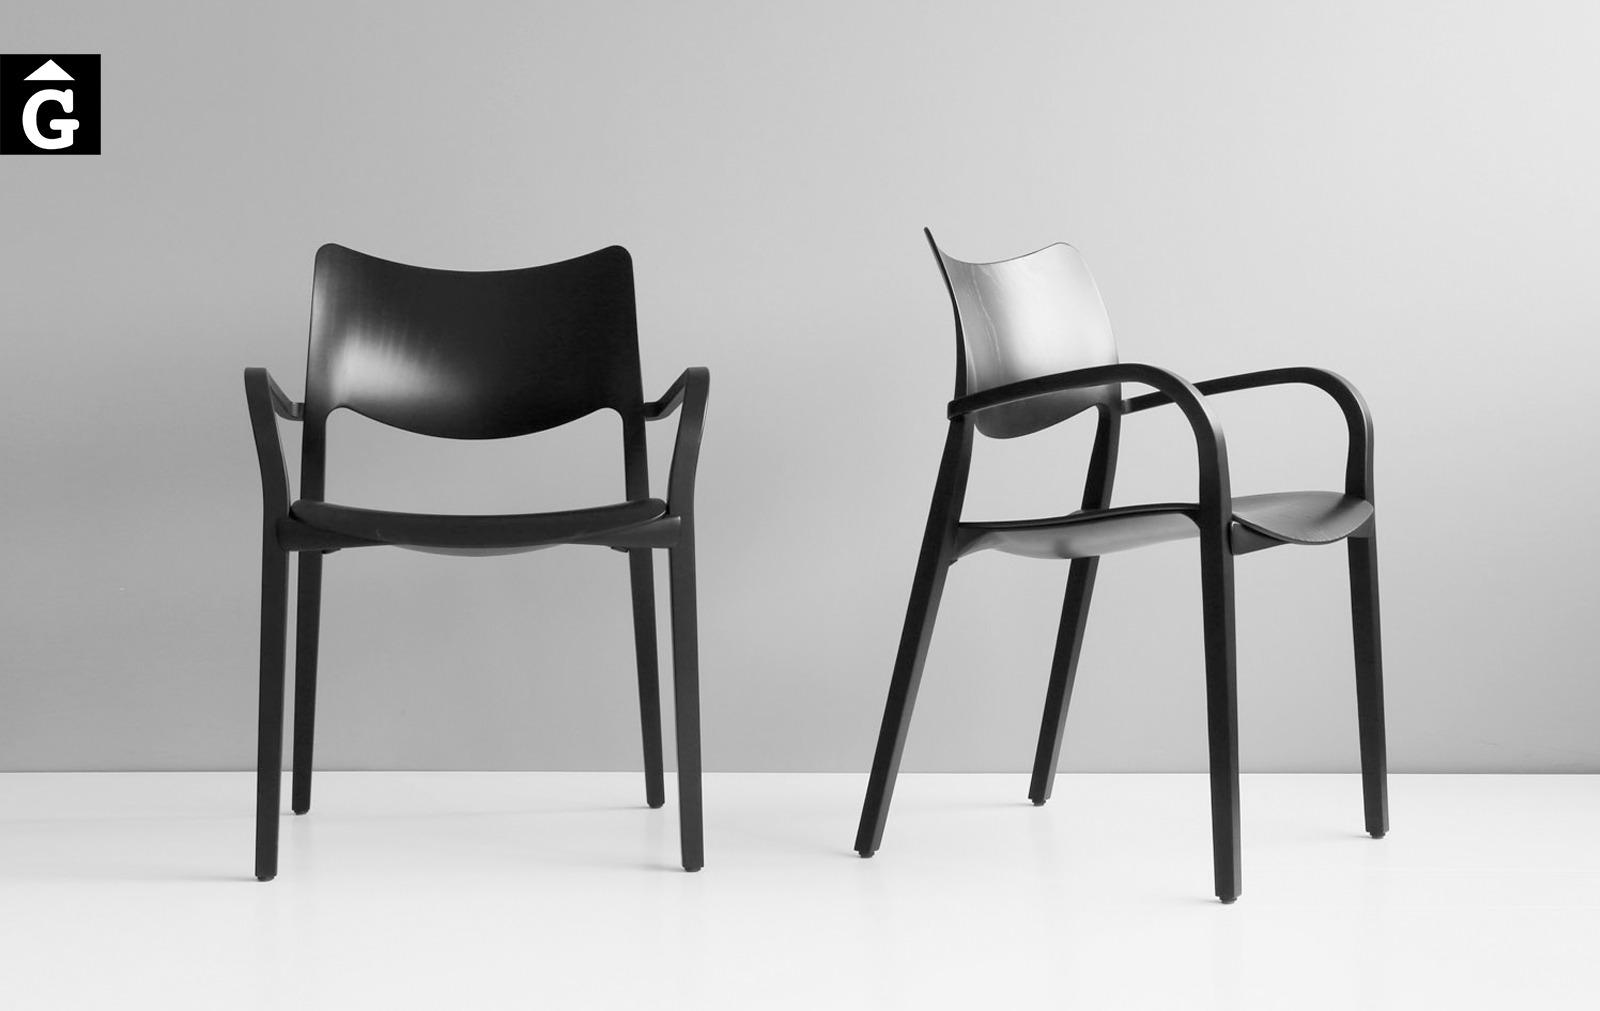 Cadira Laclásica amb braços fusta i lleugera alhora Stua selecció Gifreu mobles Girona